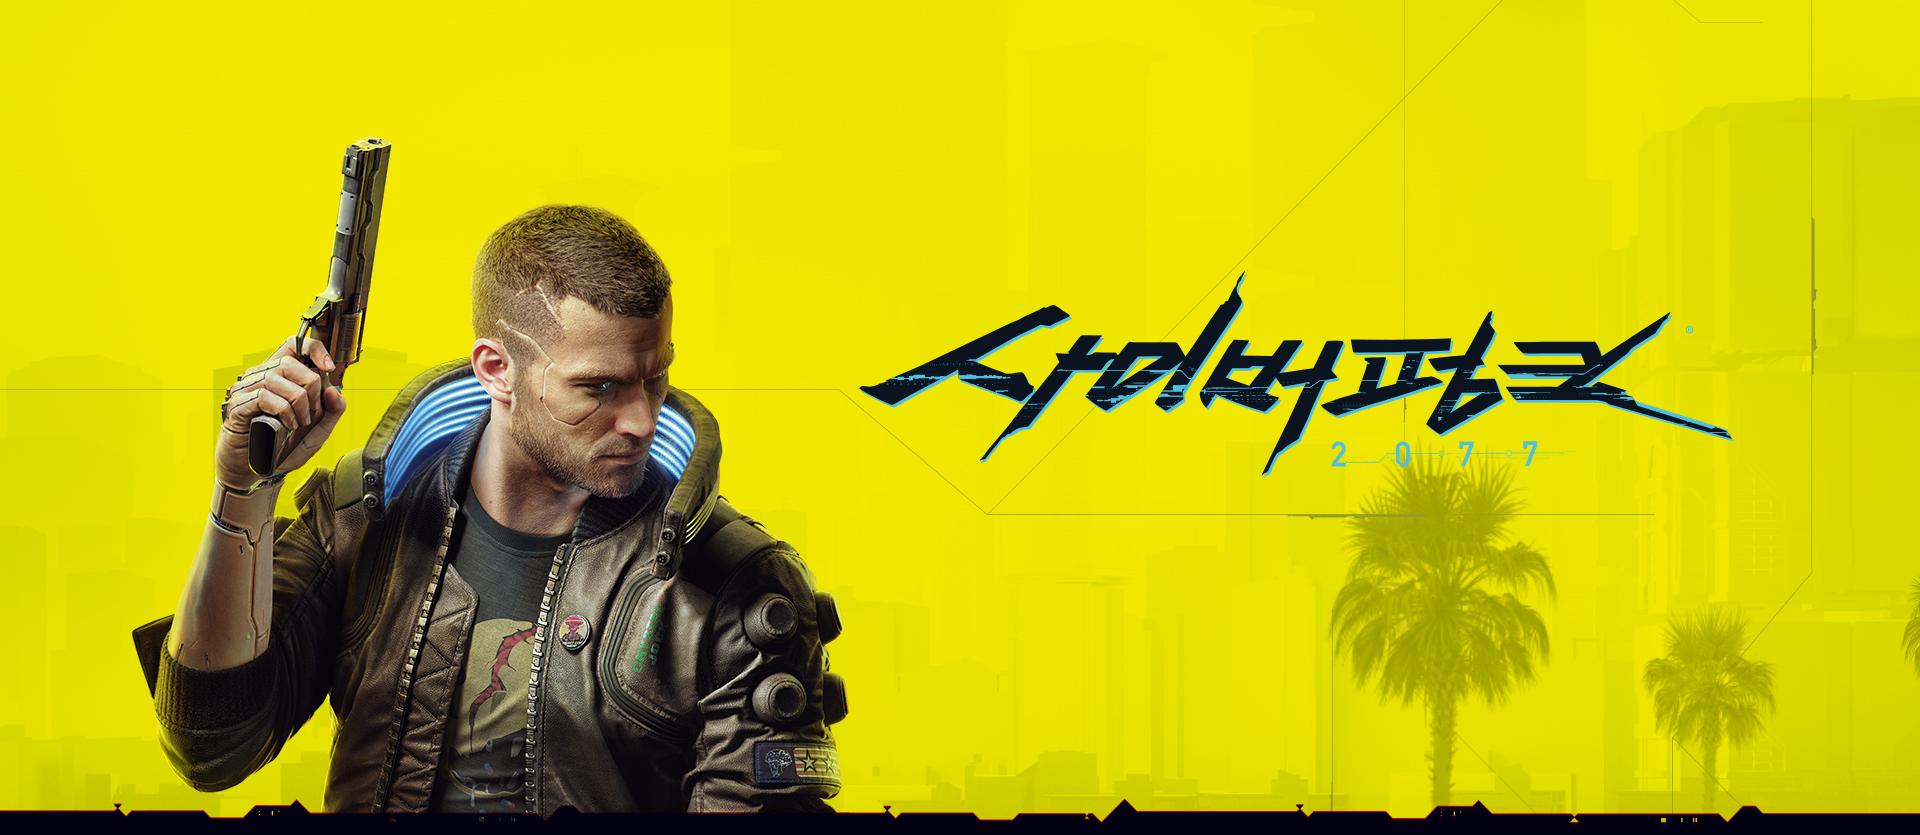 로고가 스크롤되며 권총을 들고 포즈를 잡는 사이버펑크 2077 캐릭터 애니메이션